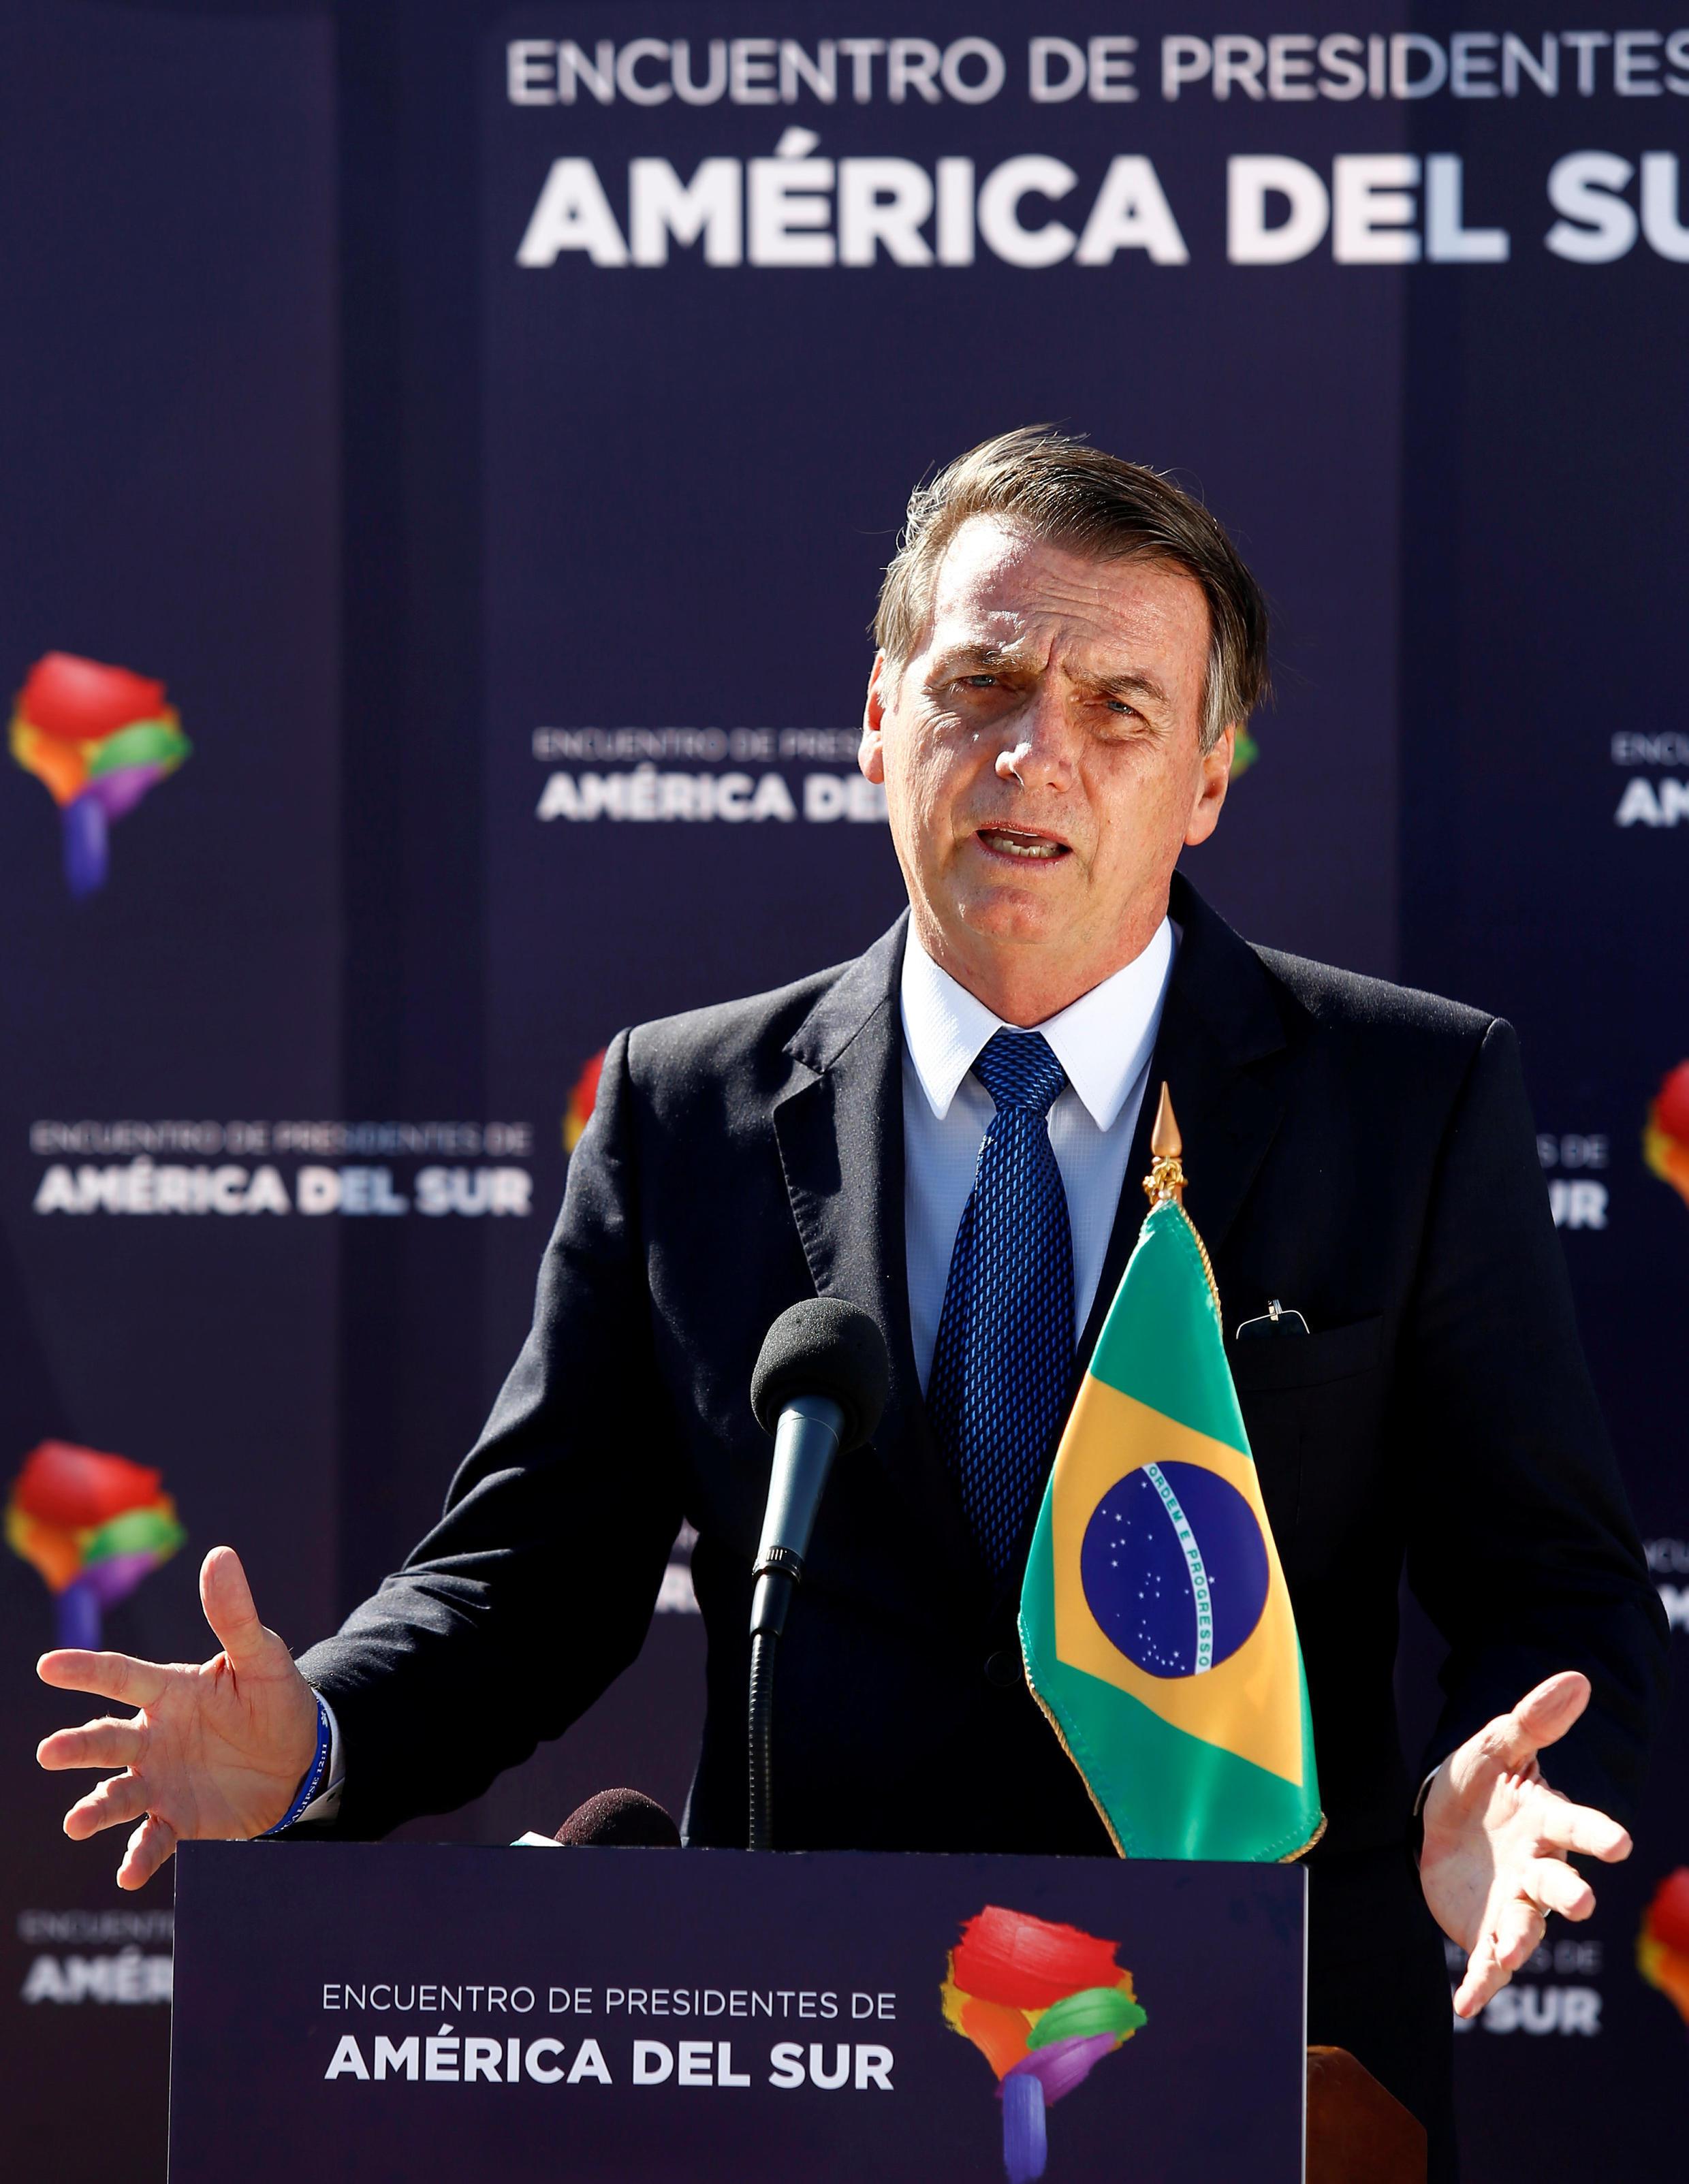 O Presidente do Brasil, Jair Bolsonaro, fala à imprensa após chegar ao Aeroporto Internacional Arturo Merino Benitez, em Santiago, Chile, em 21 de março de 2019.